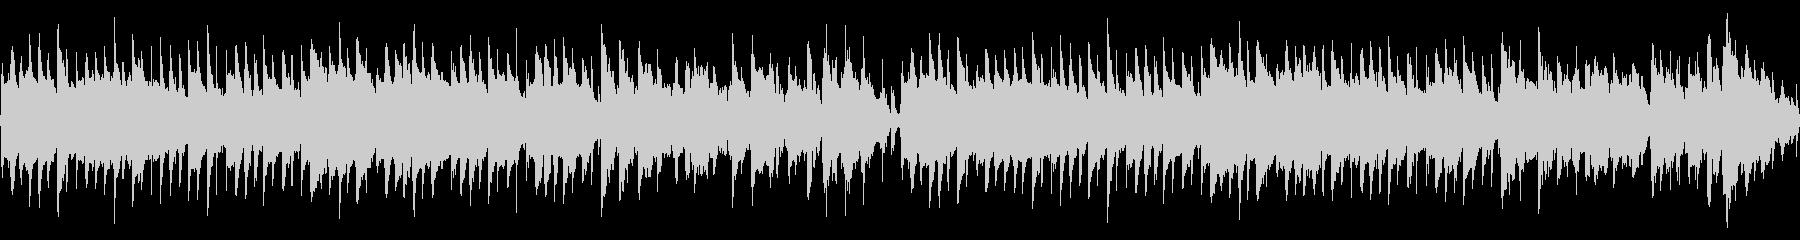 イージーリスニング 木琴 バイオリ...の未再生の波形